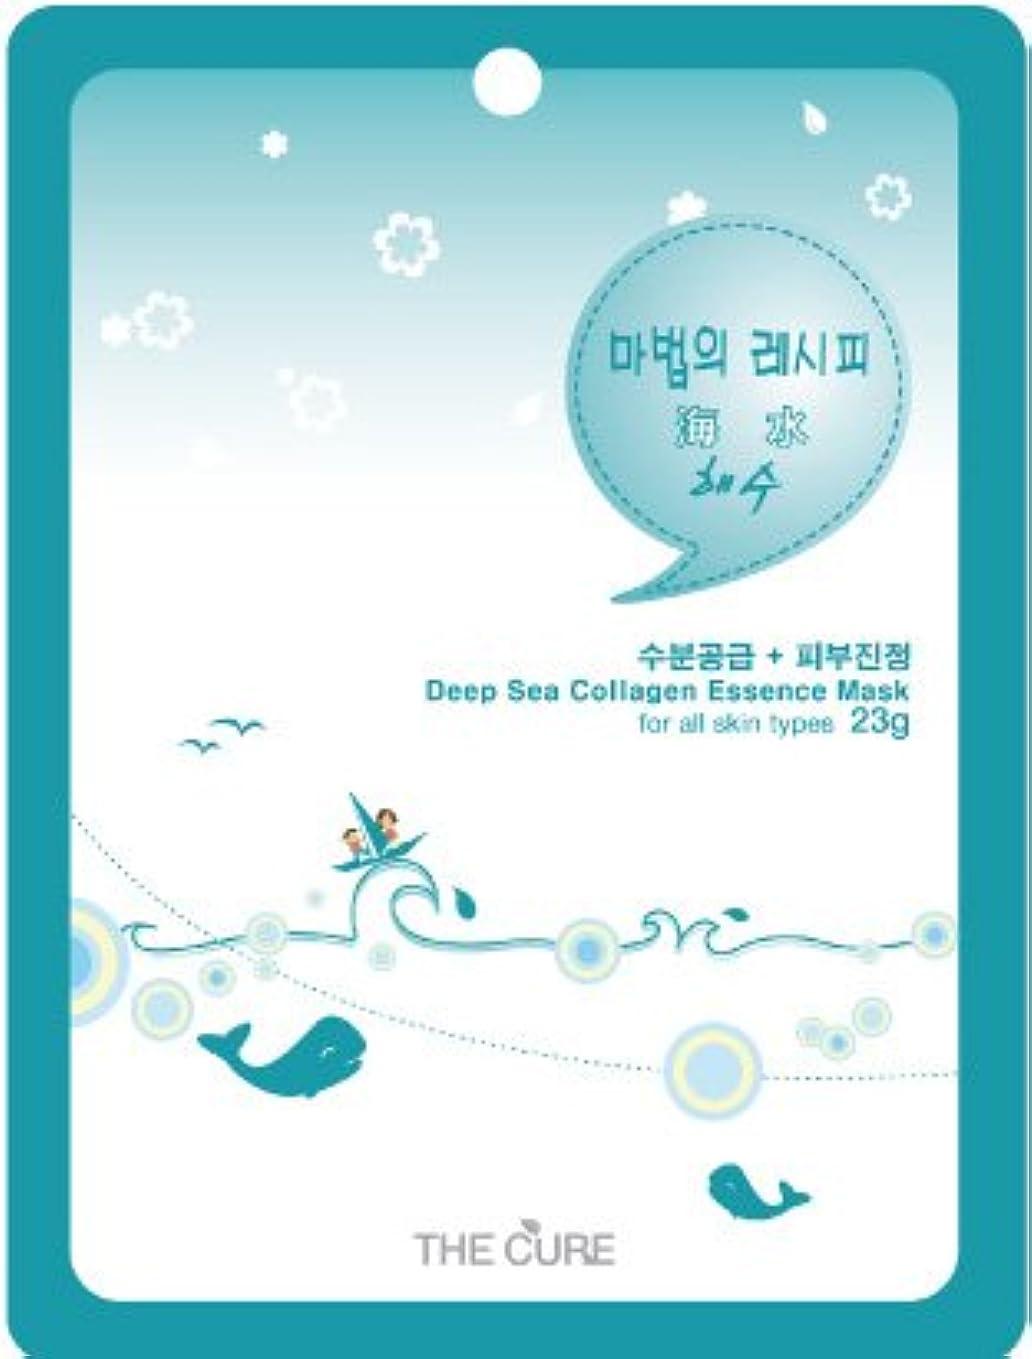 トリッキーワーカーハードリング海水 コラーゲン エッセンス マスク THE CURE シート パック 10枚セット 韓国 コスメ